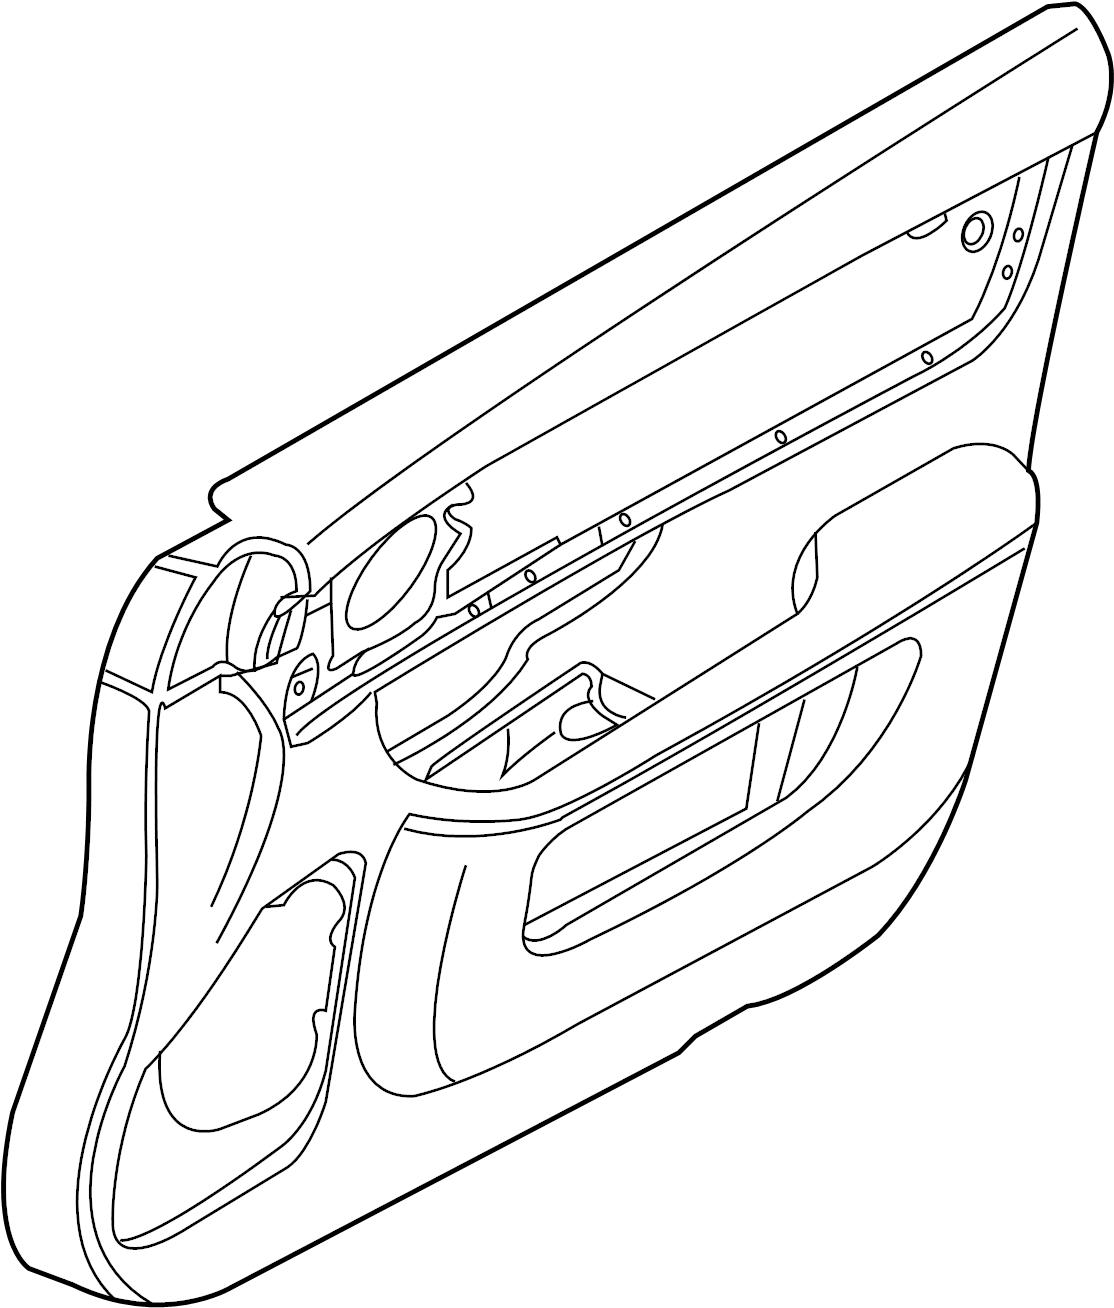 Jaguar Xj Door Interior Trim Panel Leather Navy Grain